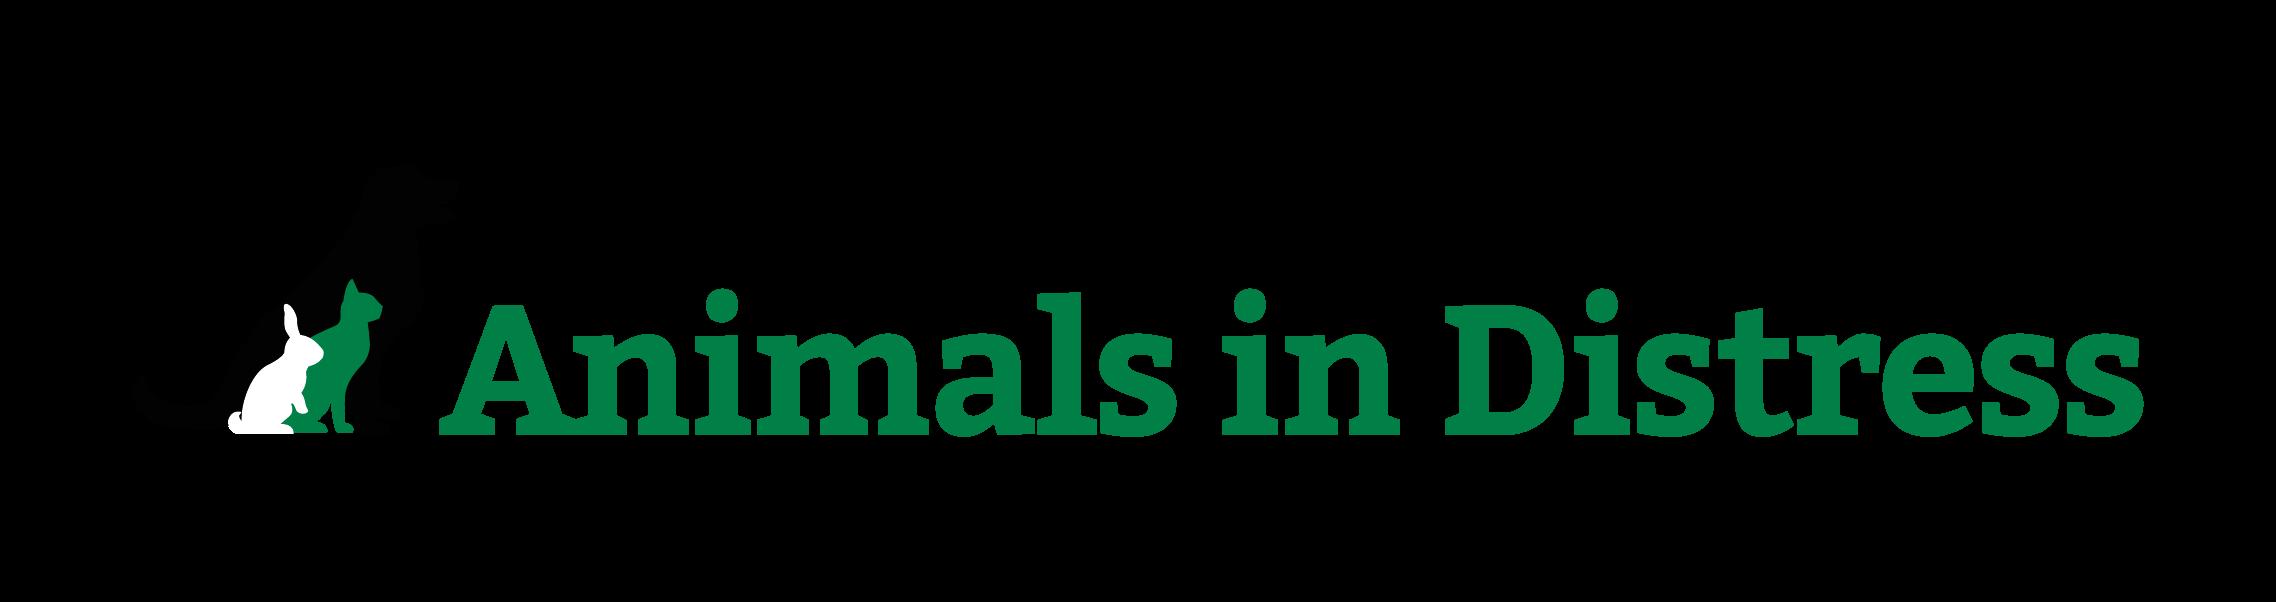 Animals in Distress Torbay & Westcountry